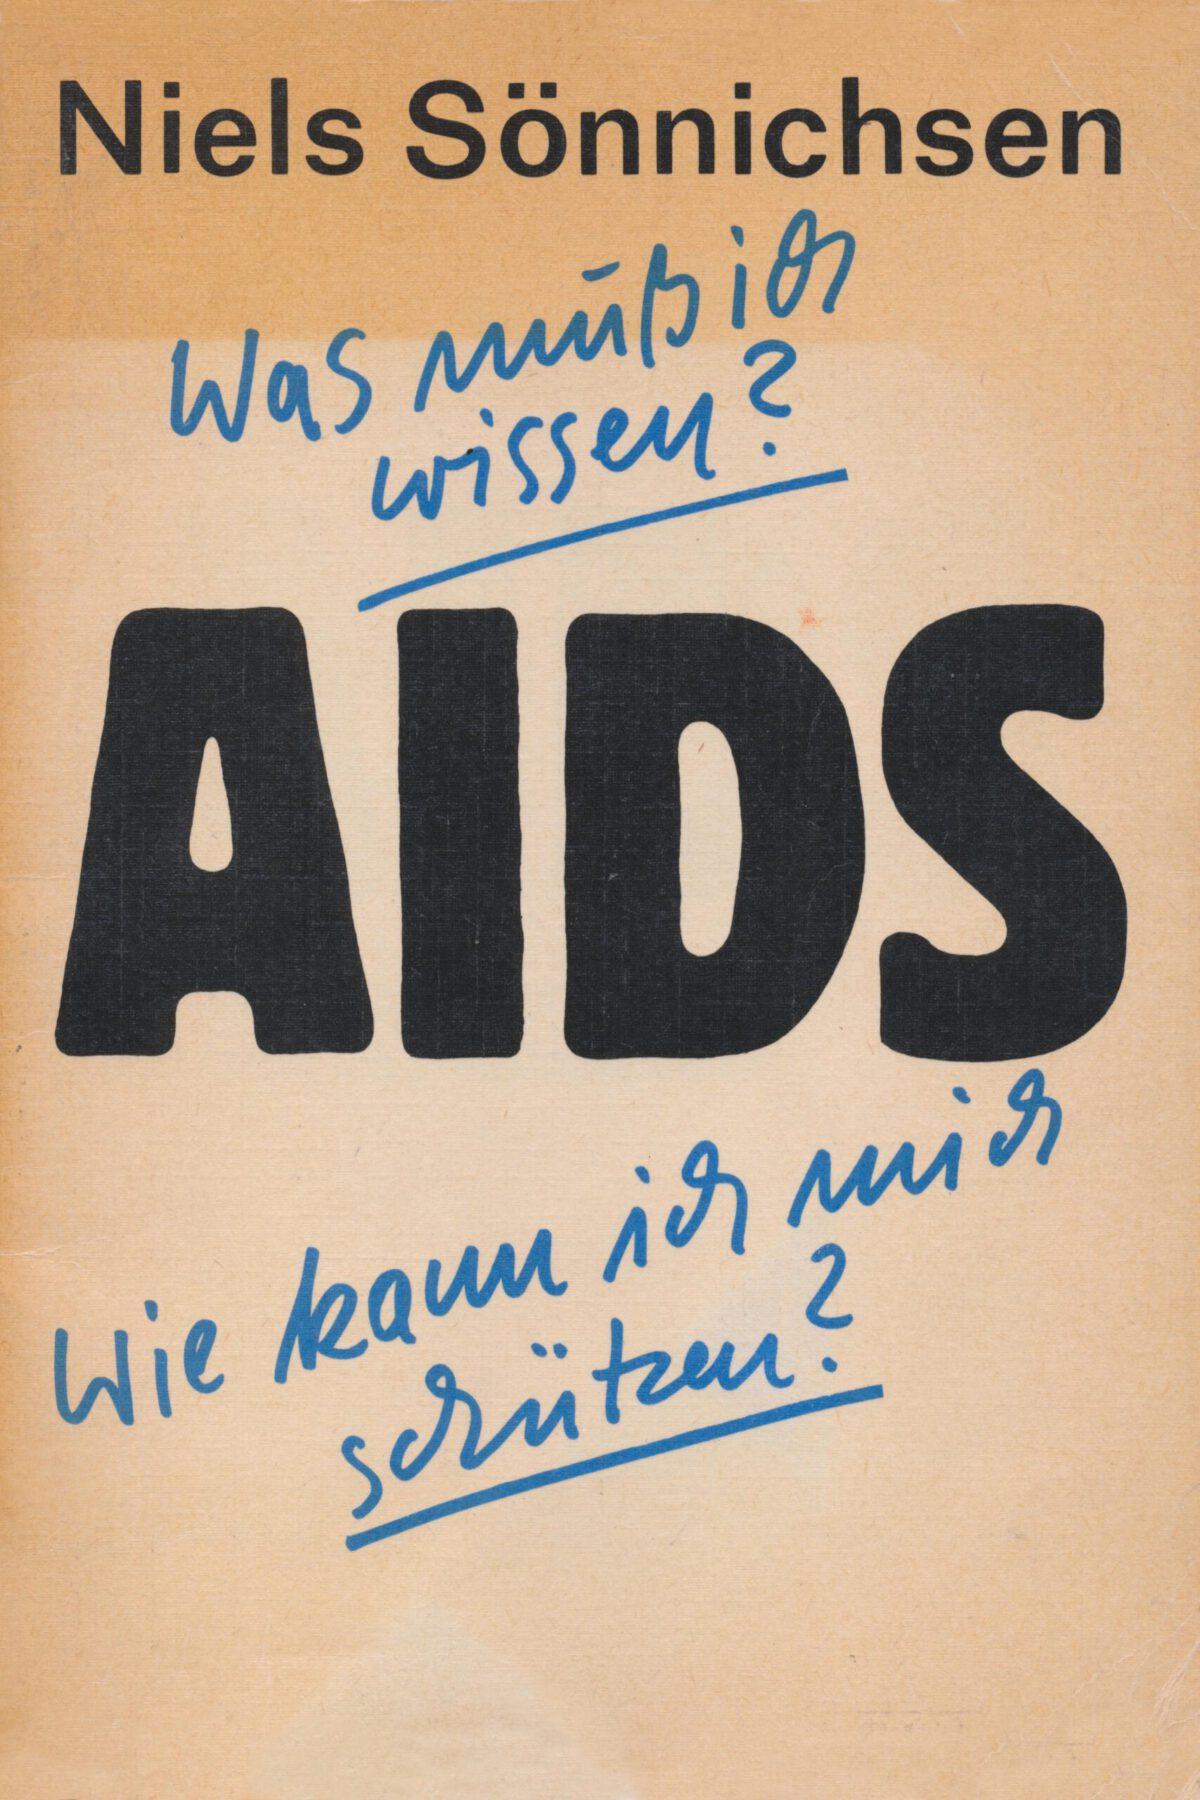 """Broschüre """"AIDS – Was muß ich wissen? Wie kann ich mich schützen?"""" von Niels Sönnichsen"""